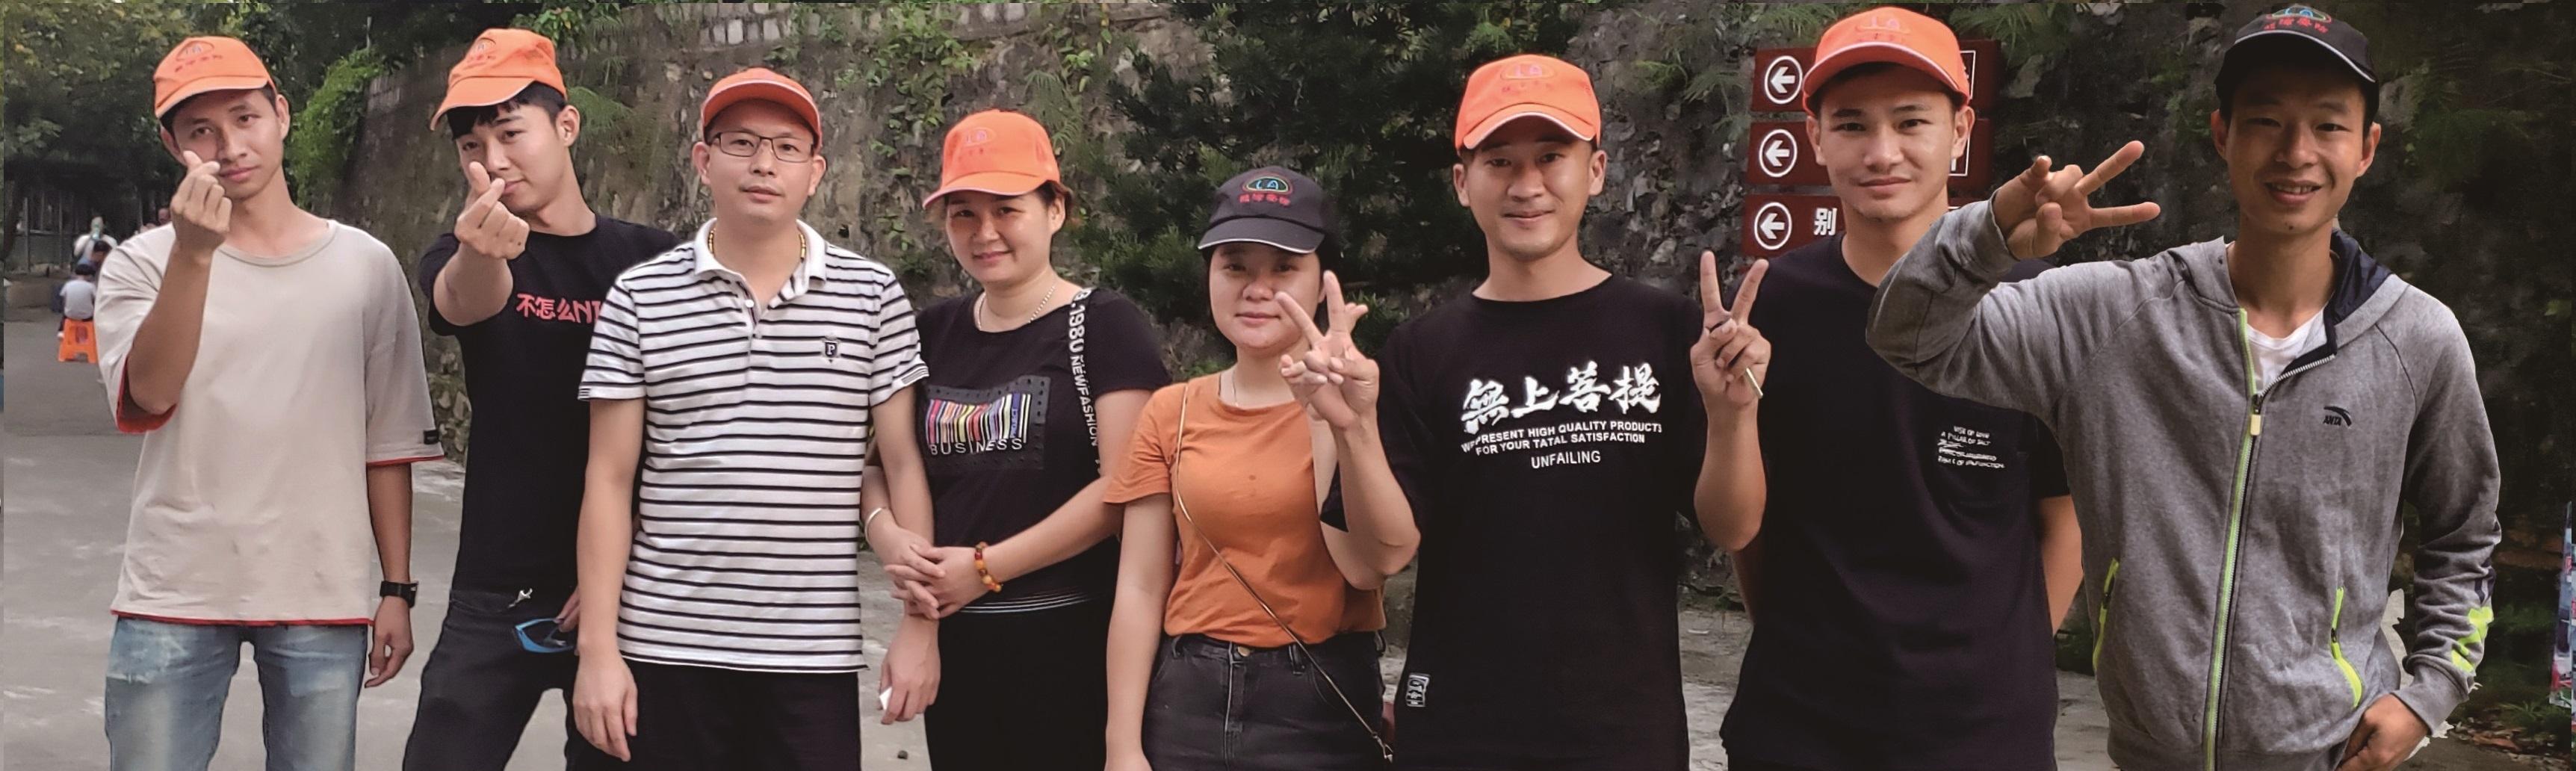 2018.10.2国庆合影-宽处理3